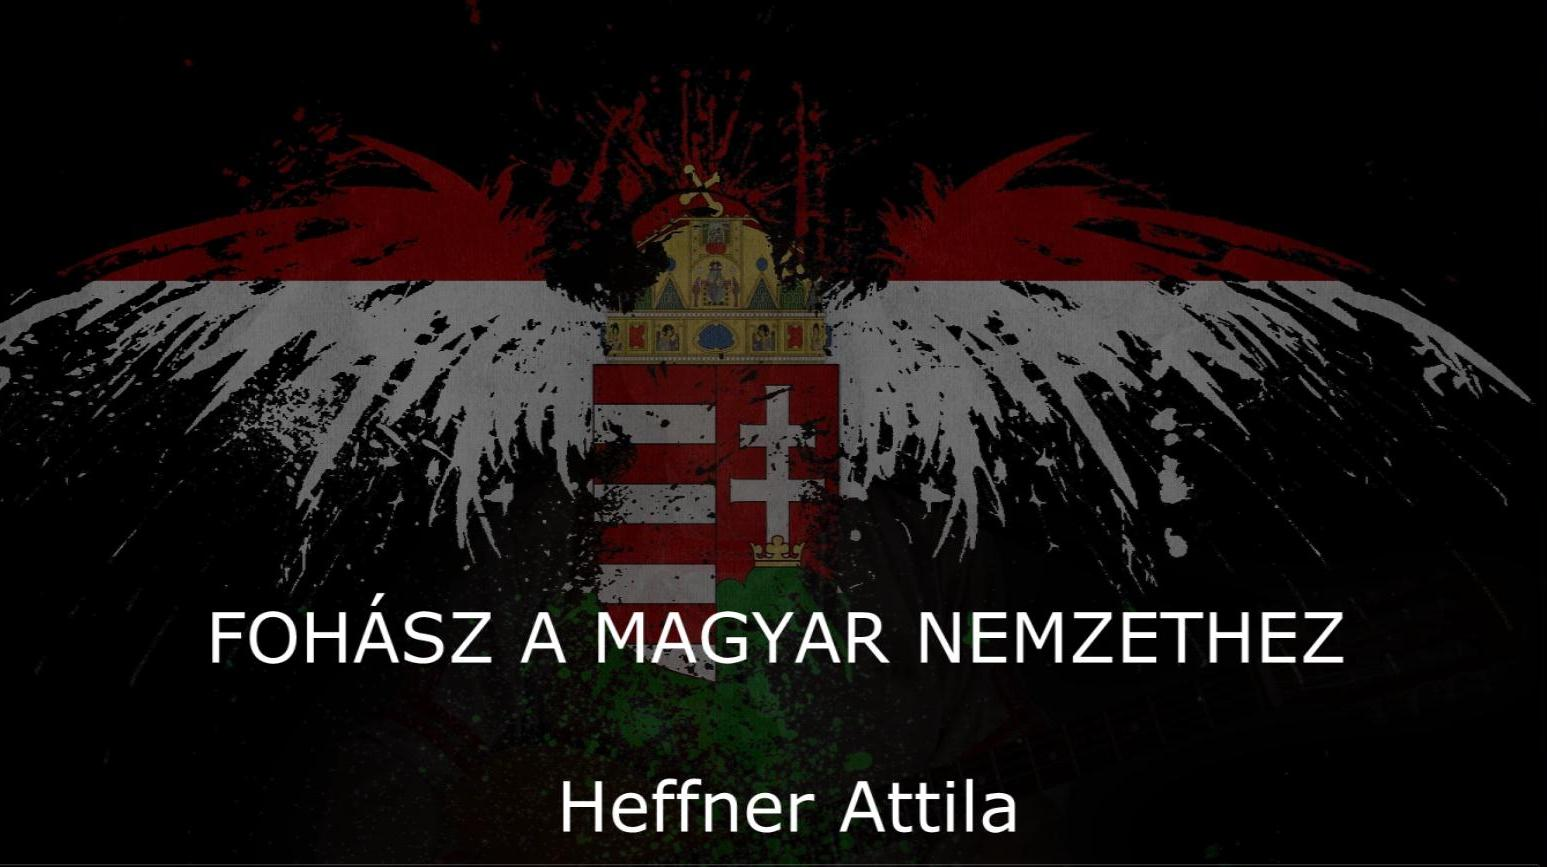 Heffner                                   Attila előadásában